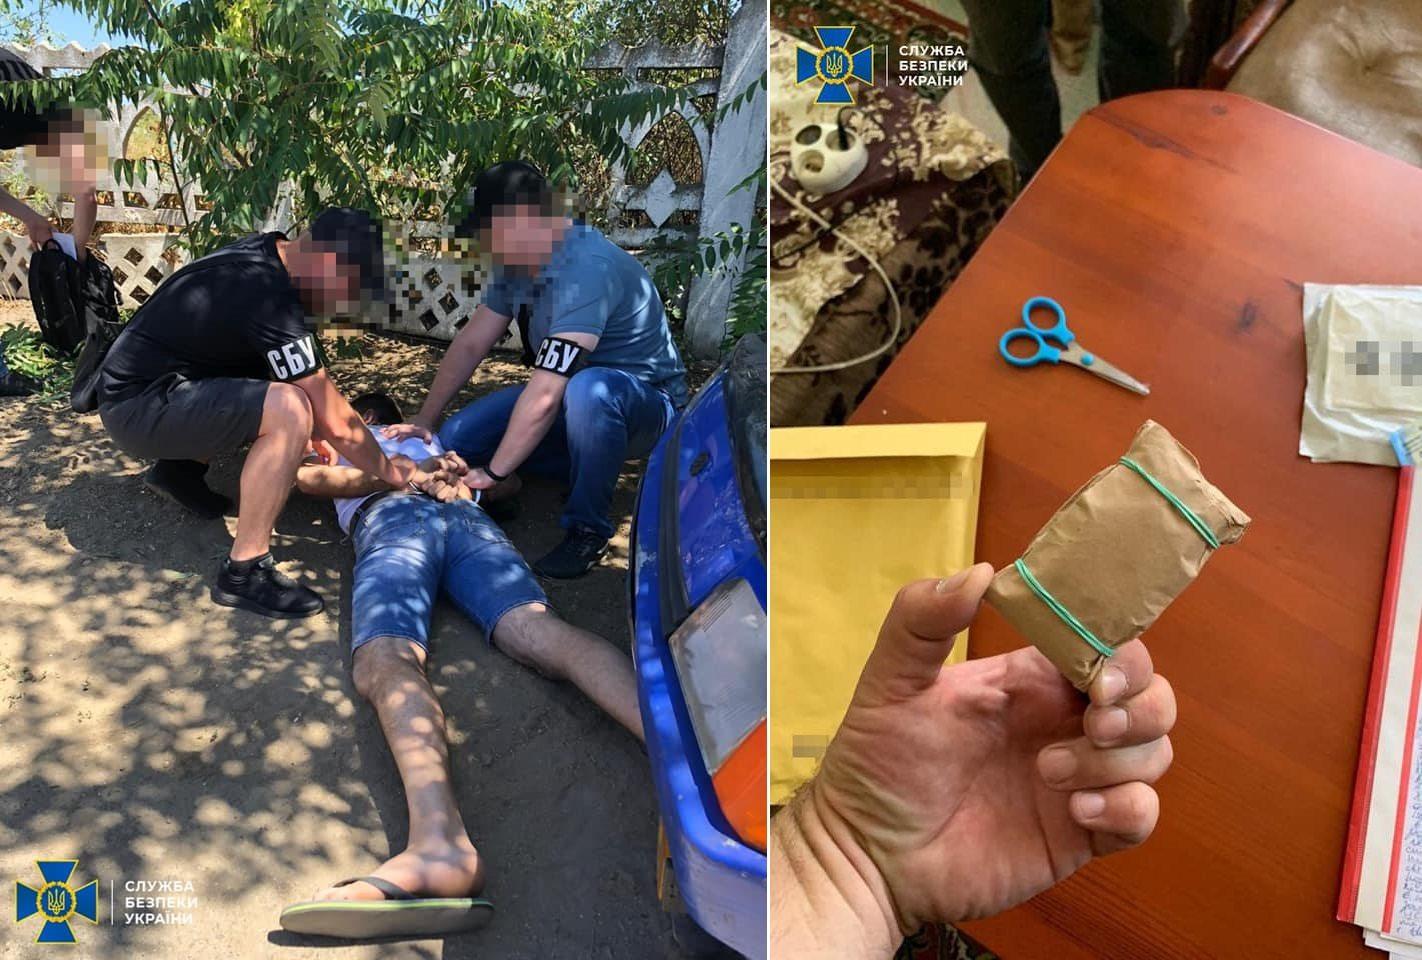 наркотики, полиция, сбу. амфетамины, психотропы